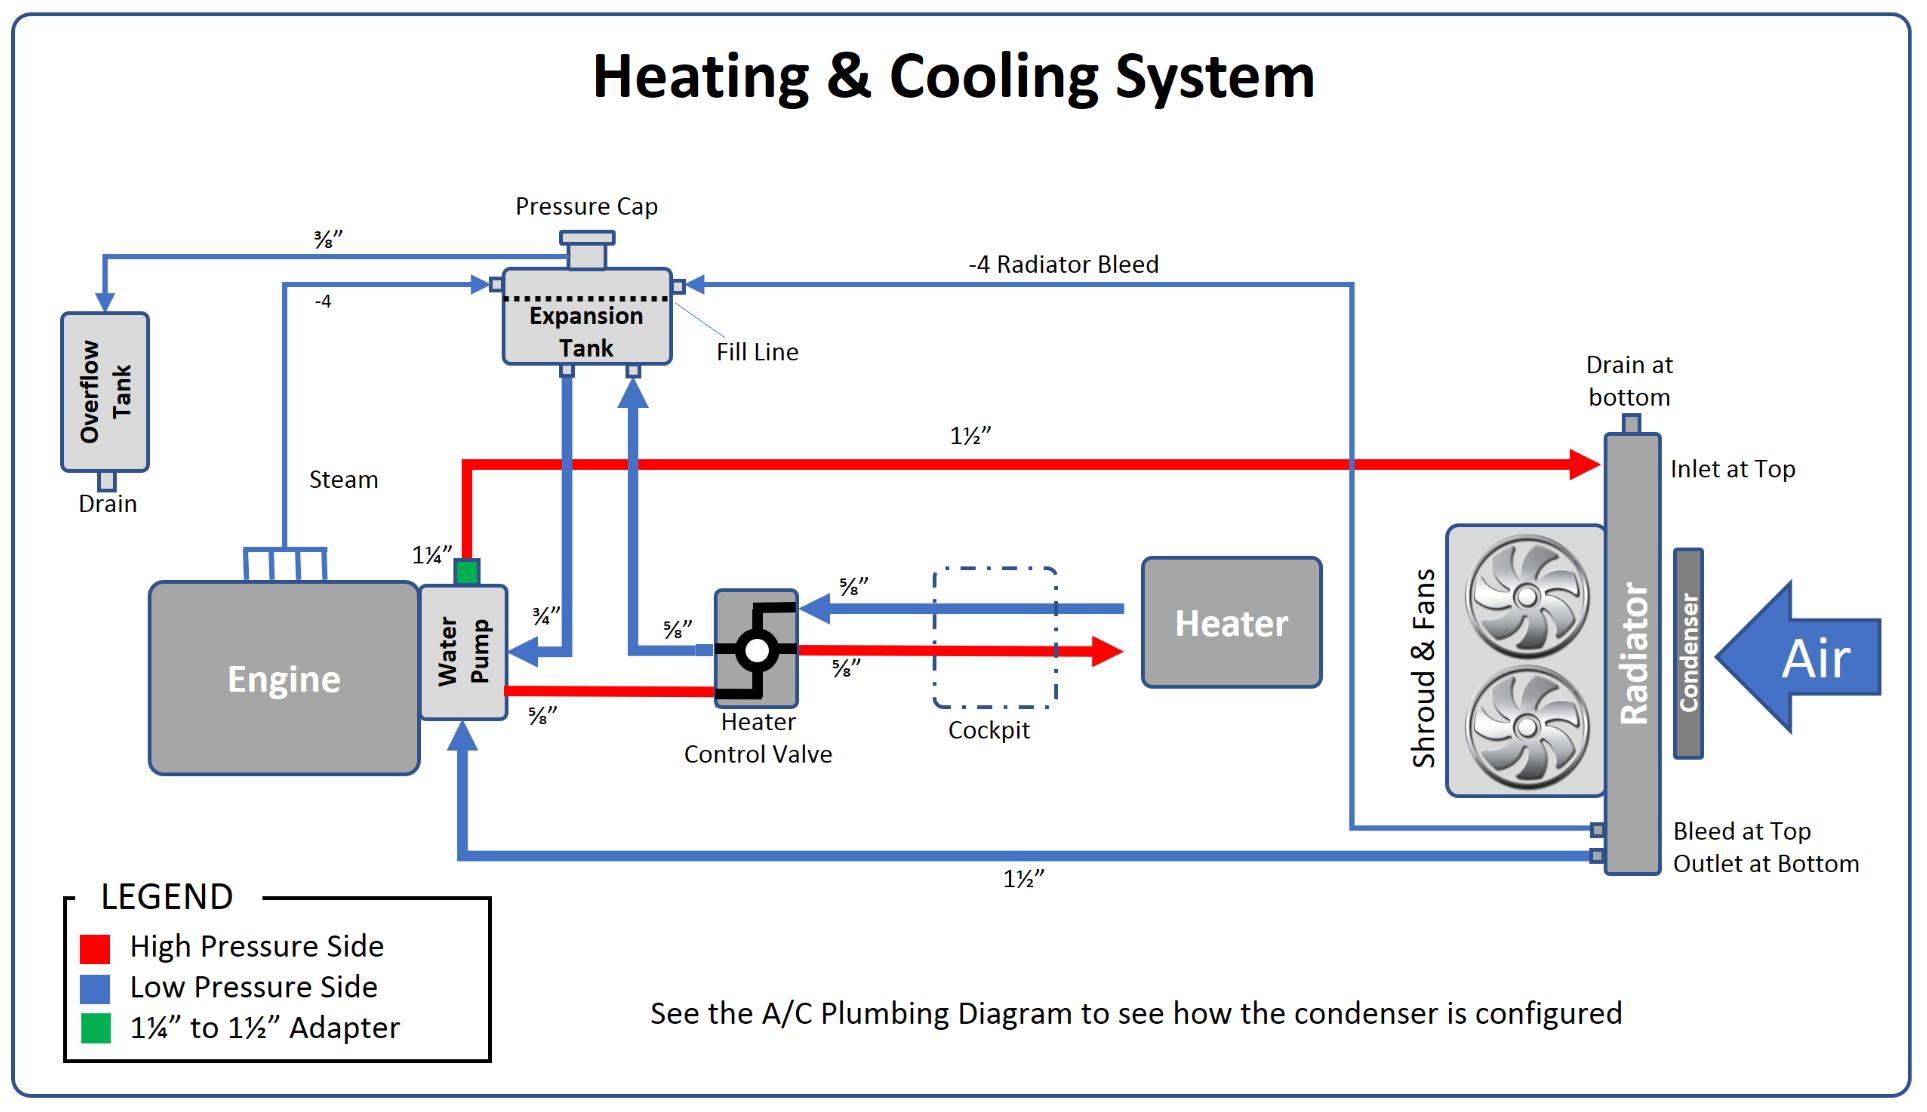 Heating&CoolingSystem.png